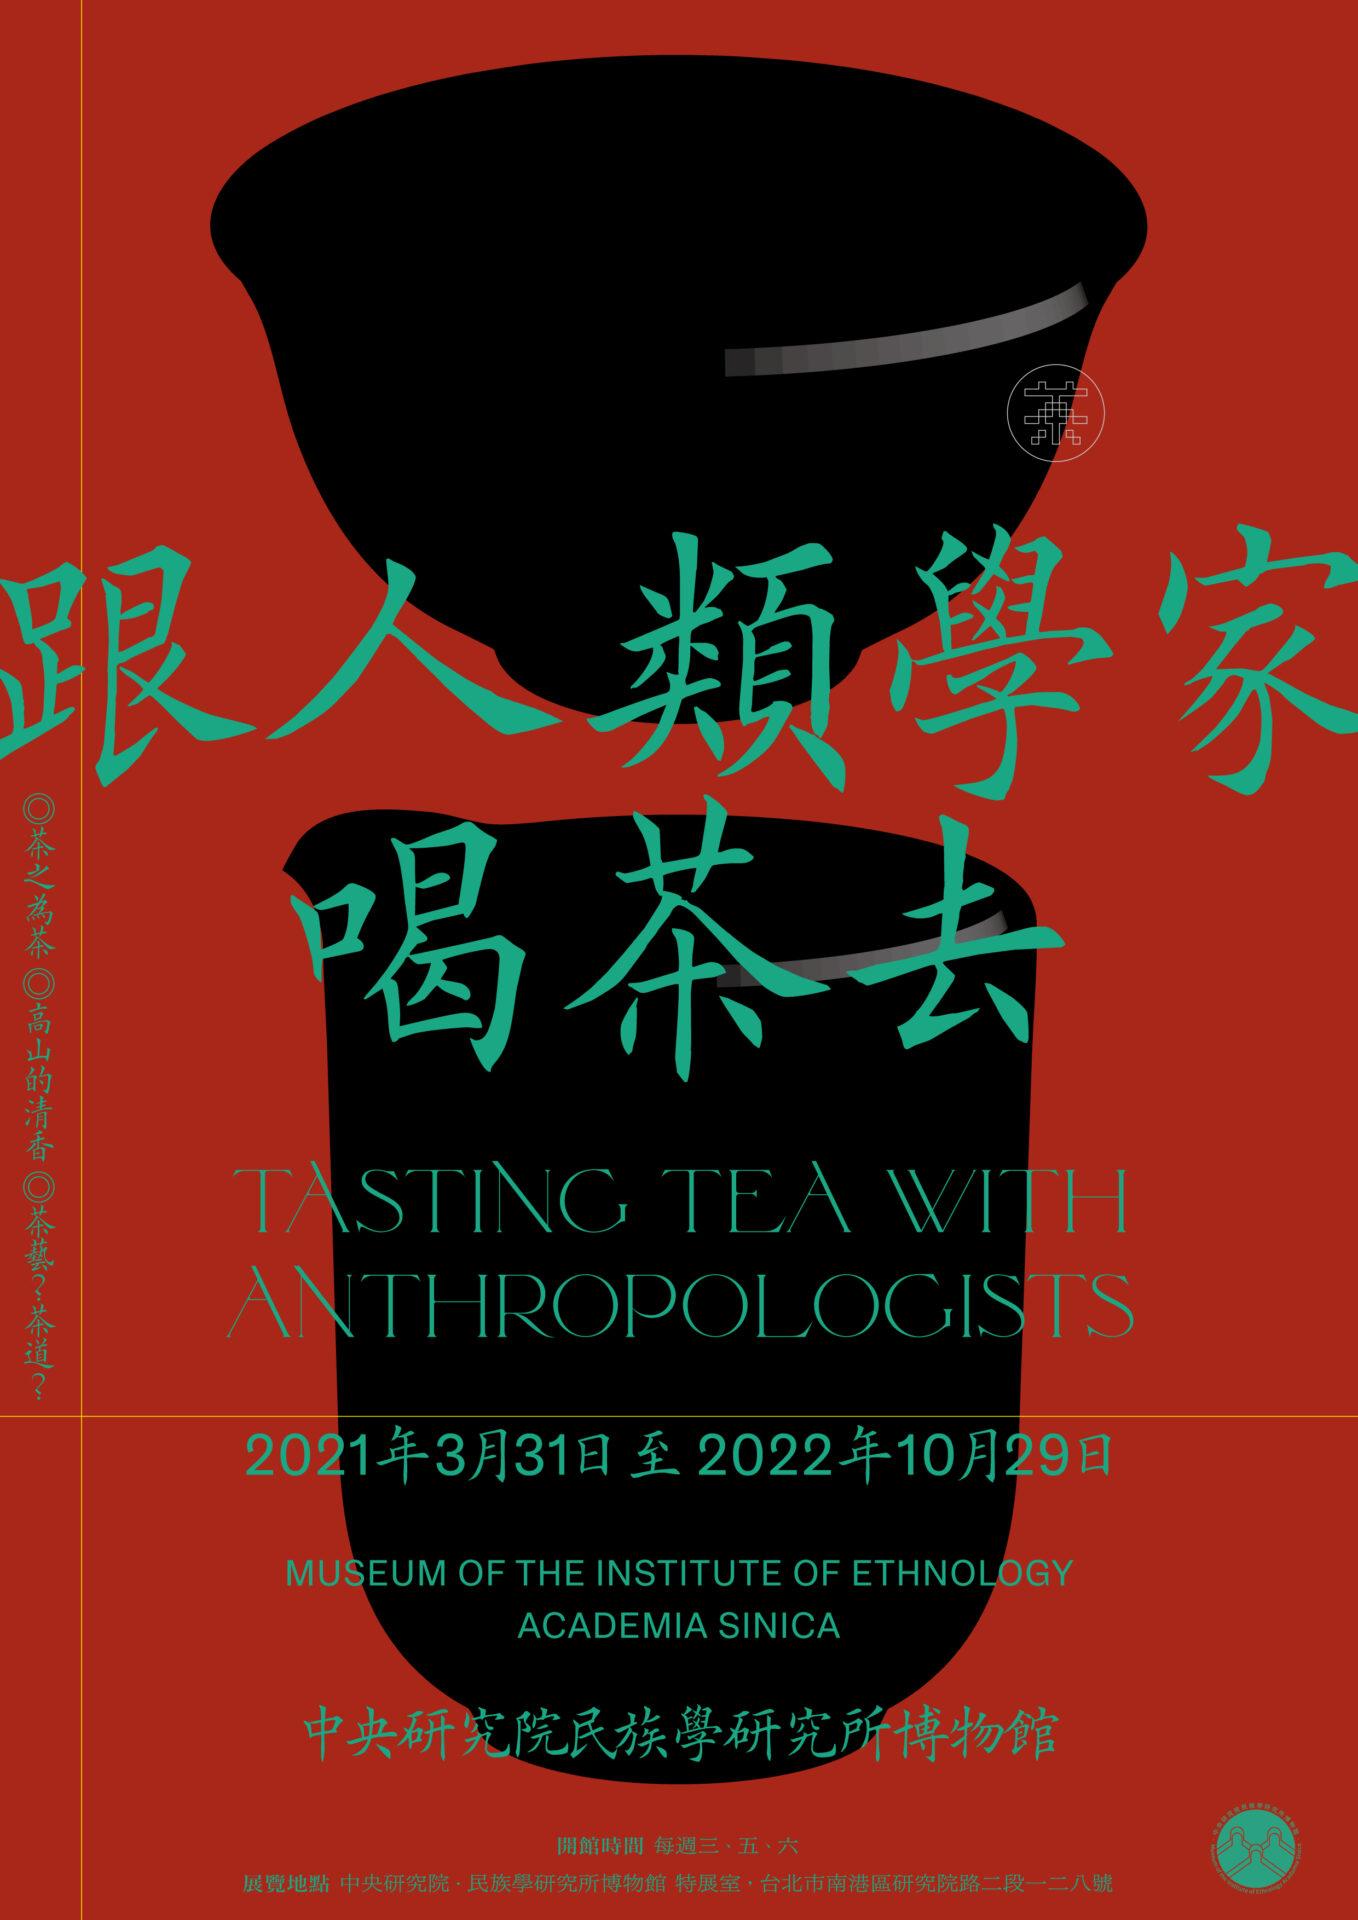 中央研究院民族學研究所博物館:2021/3/31-2022/10/29【跟人類學家喝茶去】